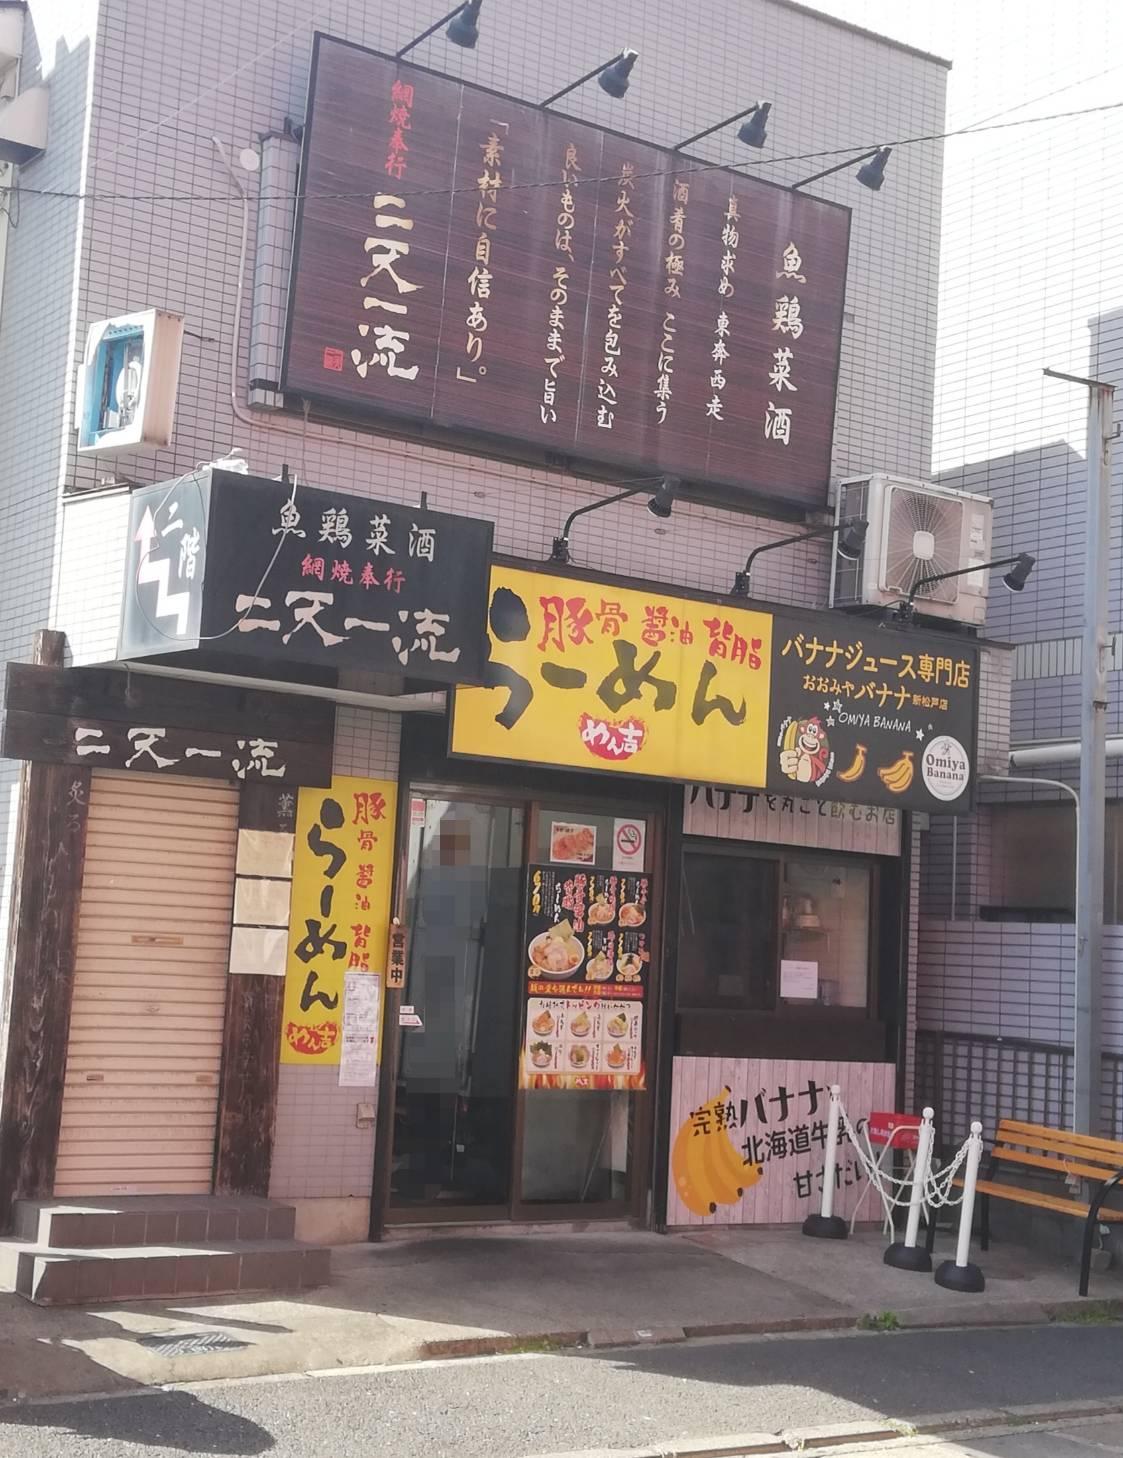 おおみやバナナ新松戸店閉店バナナジュース専門店